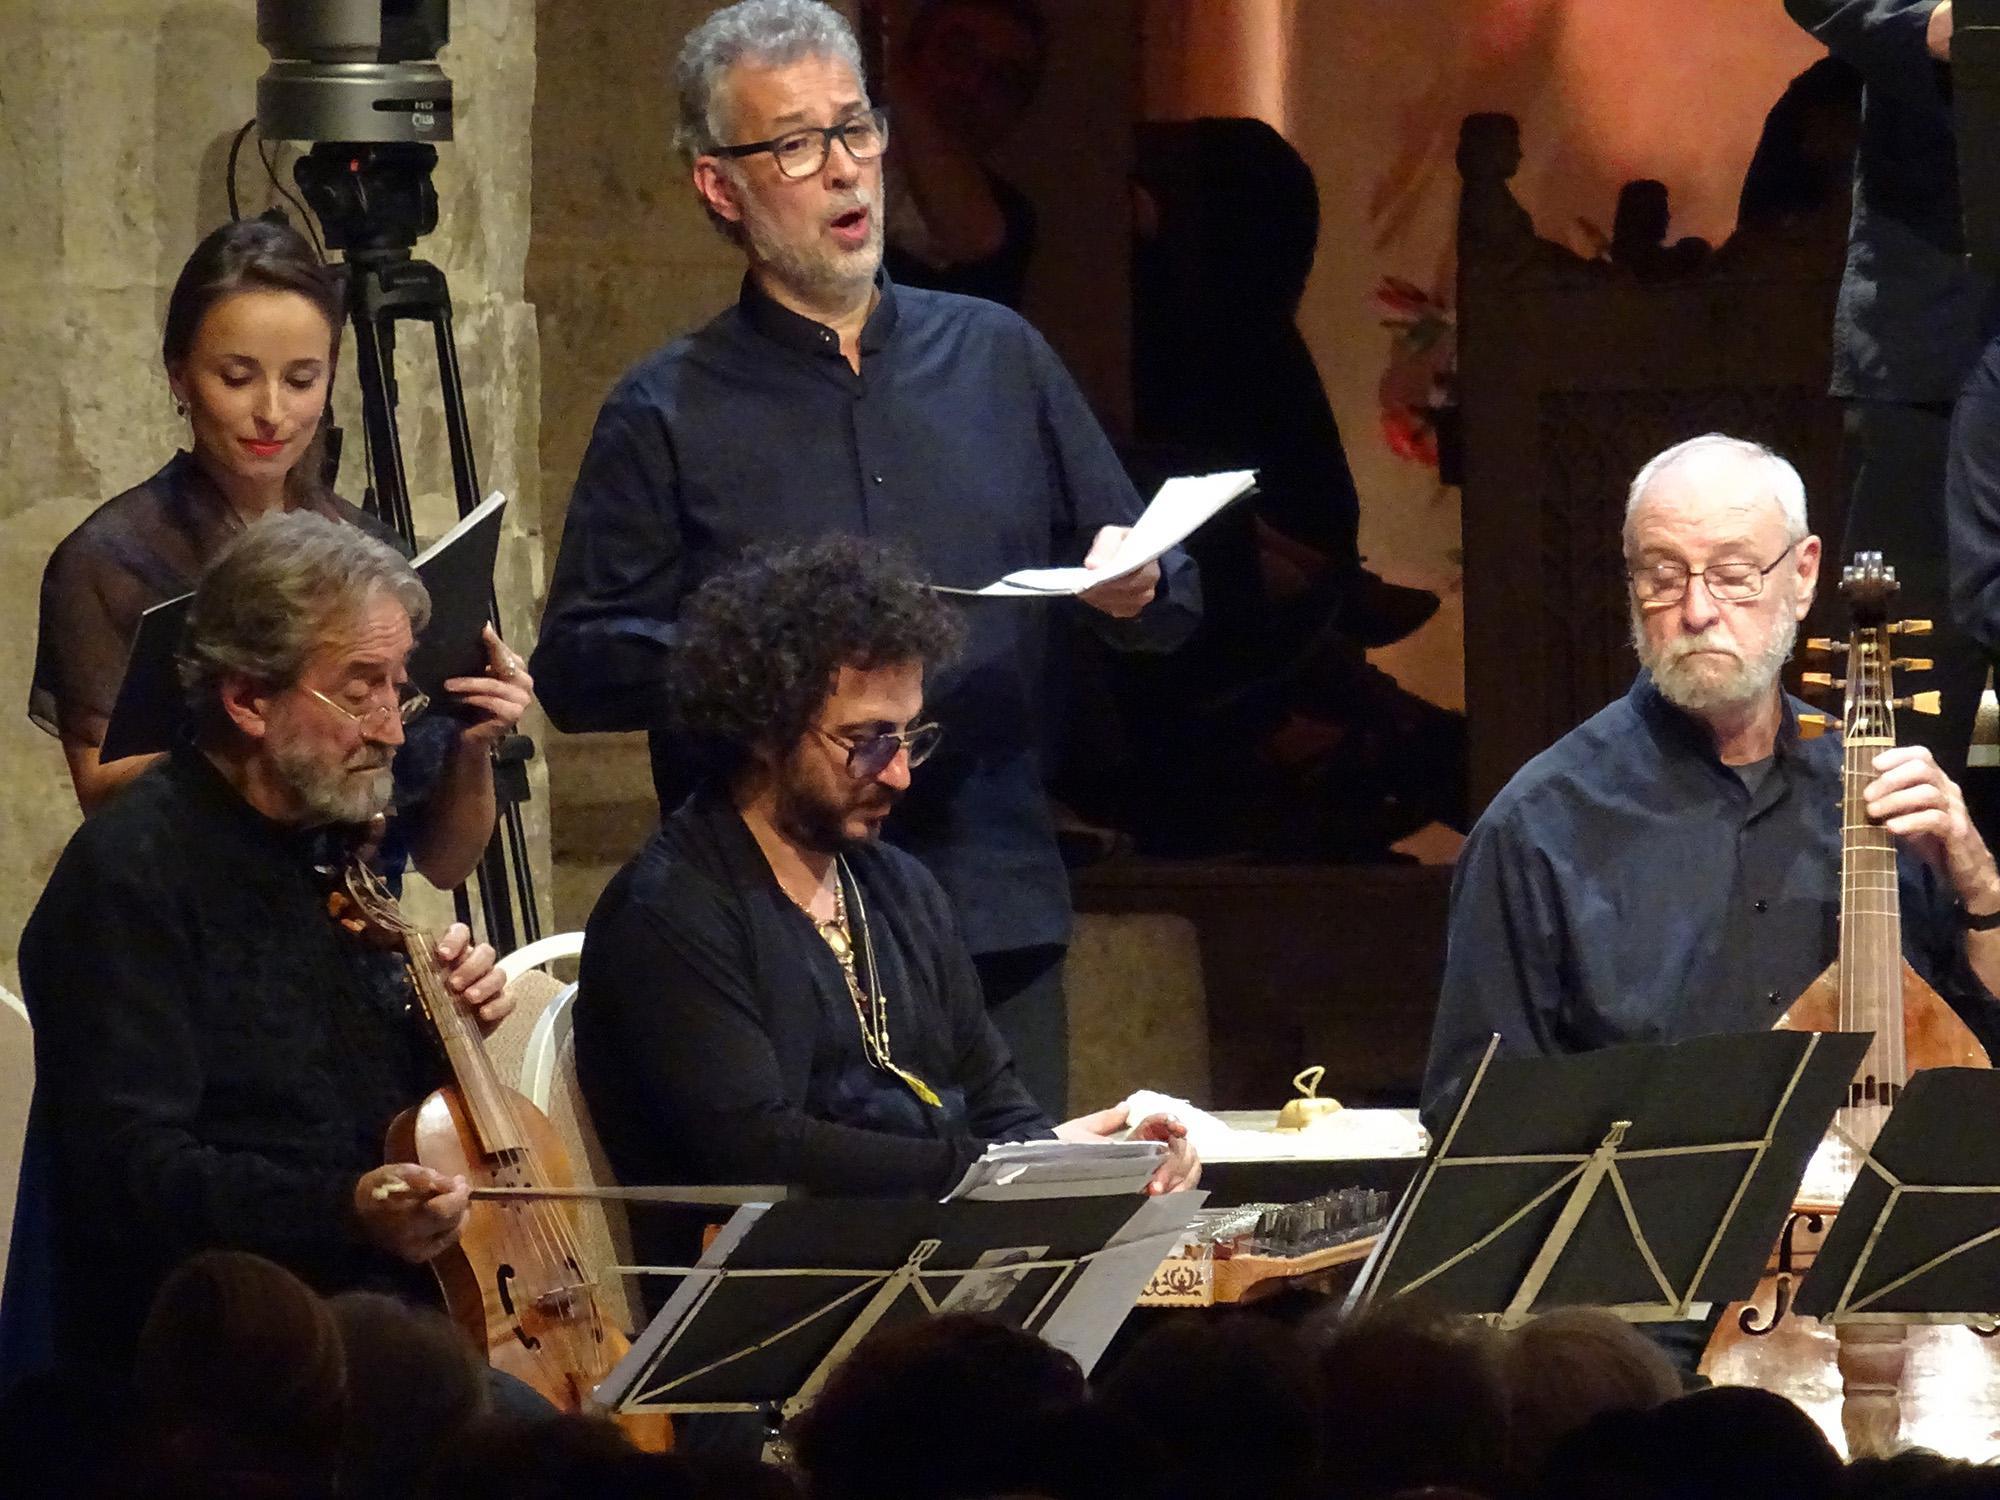 Jordi Savall, members of Hesperion XXI and La Capella Reial de Catalunya - ©CCR Ambronay